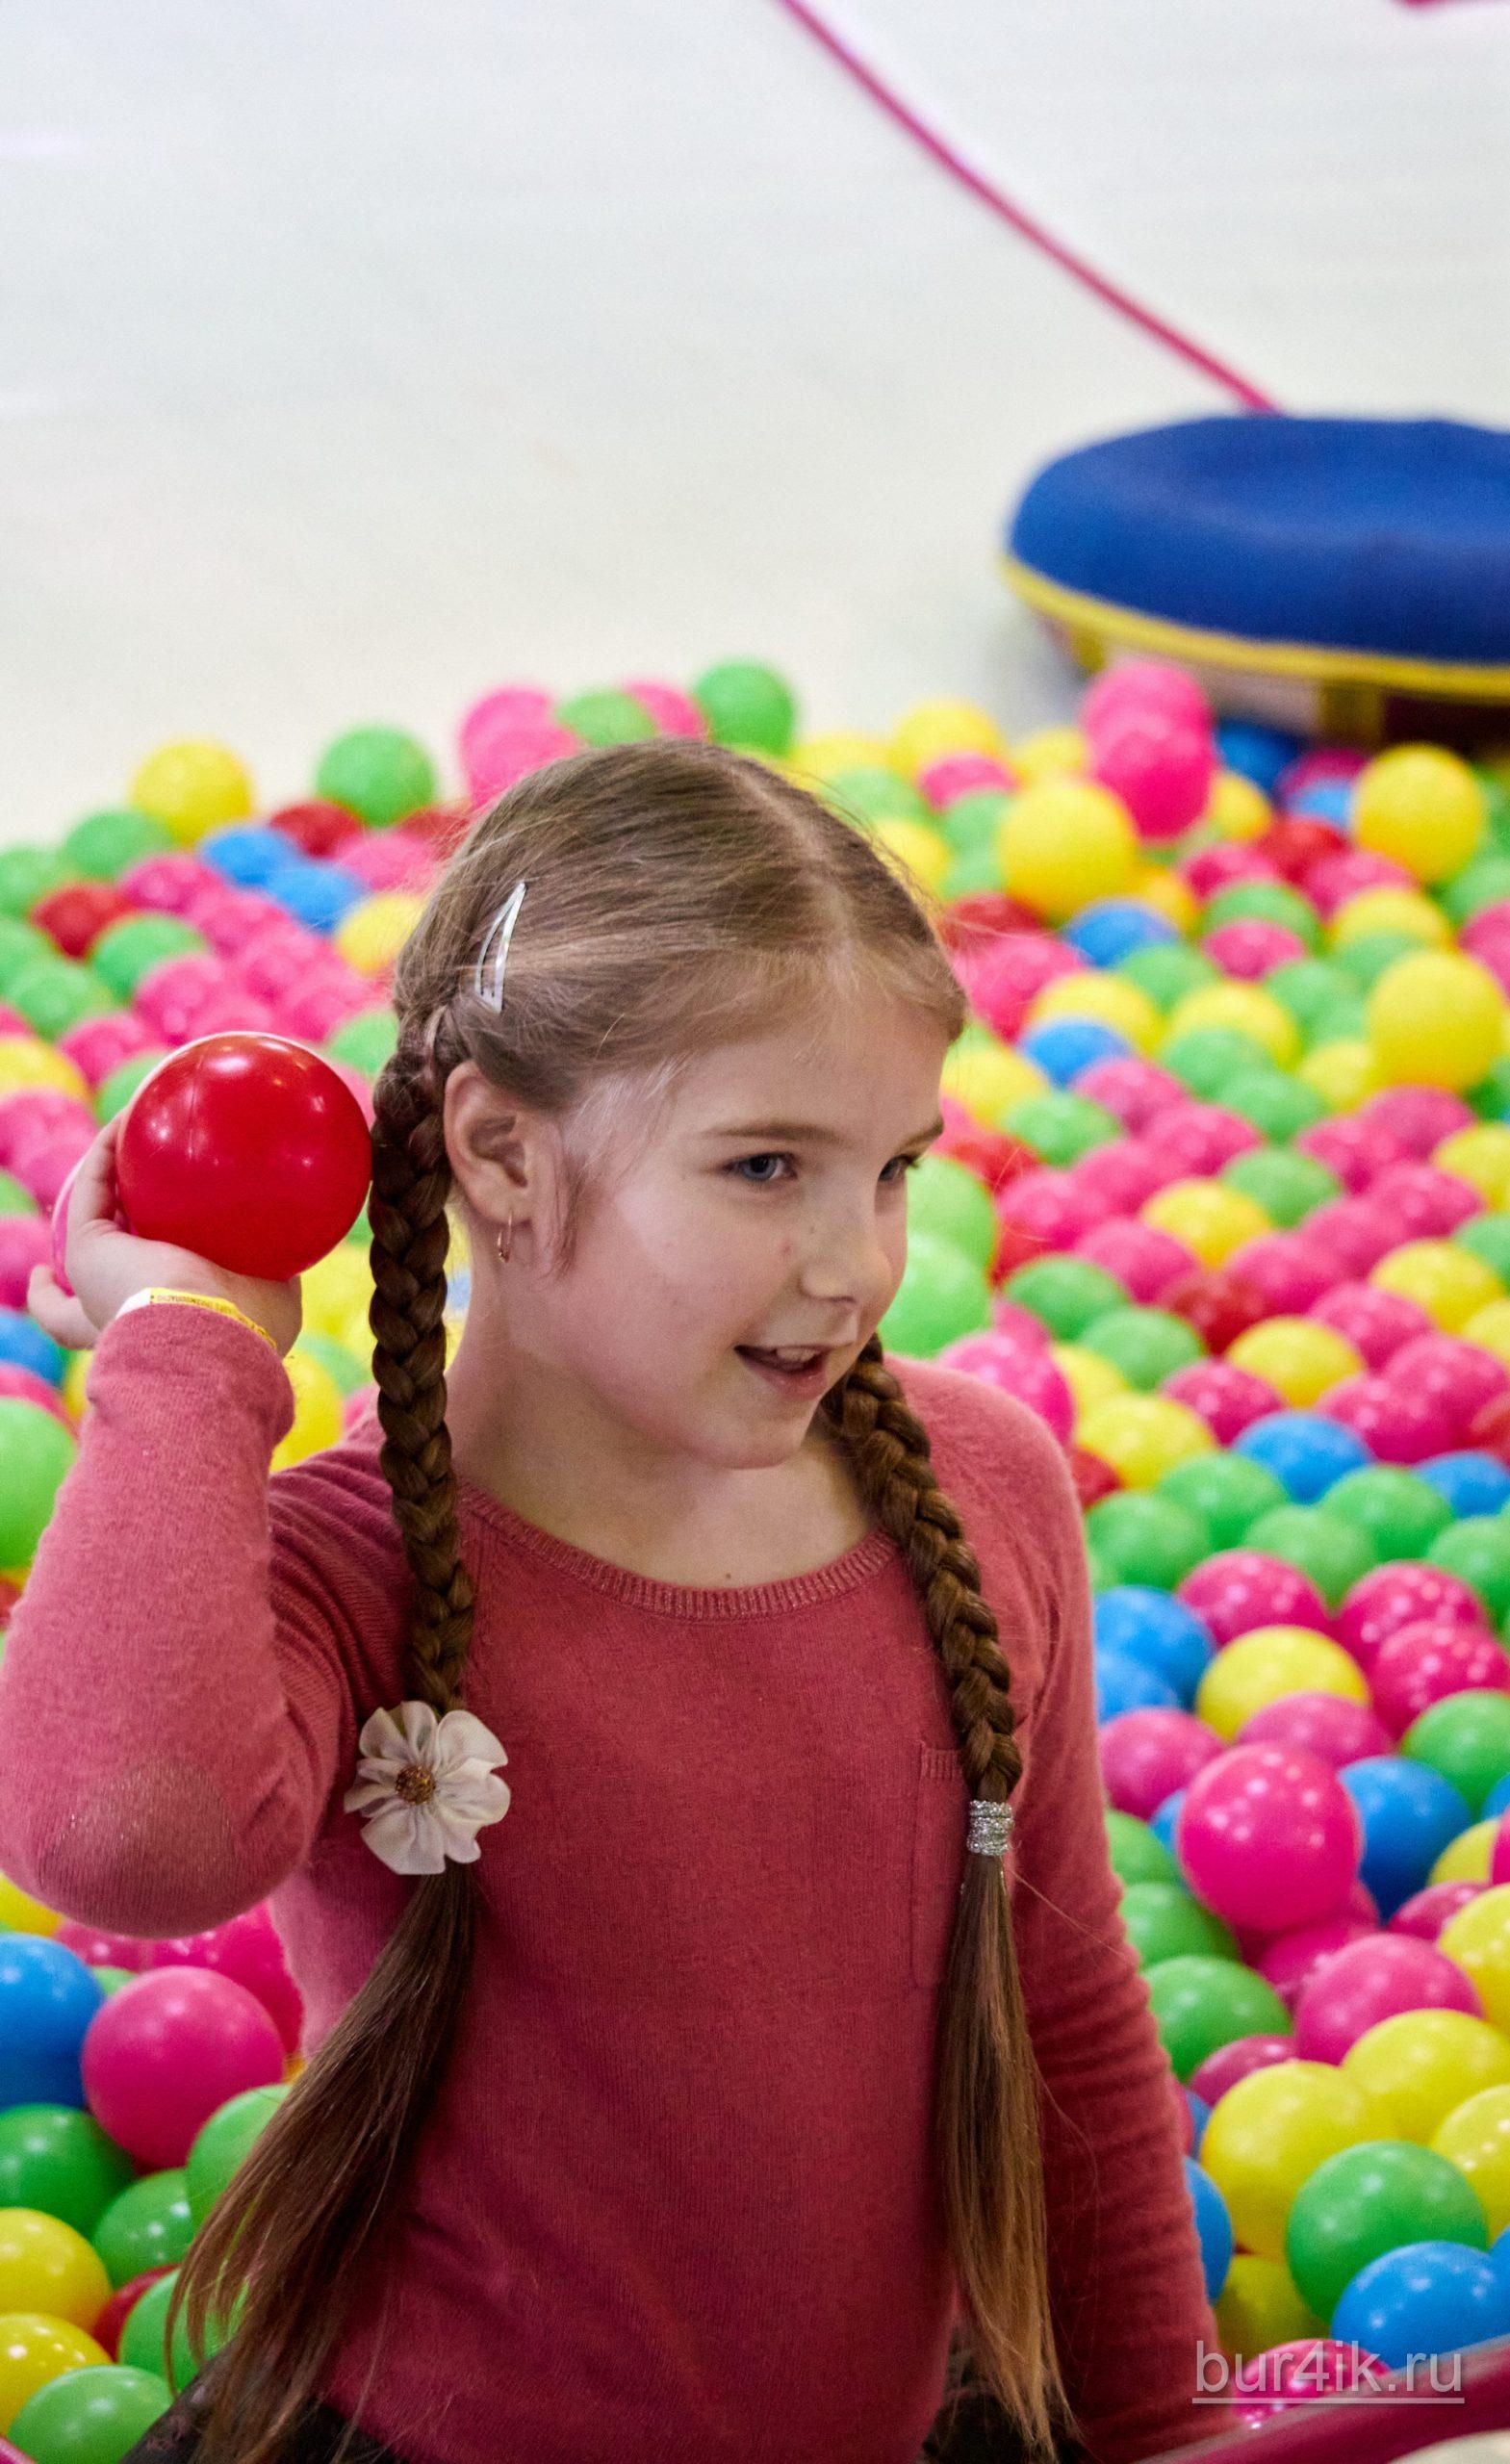 Фото Детское День Рождения в Детский Дворик 15.01.2020 №320 -photo- bur4ik.ru